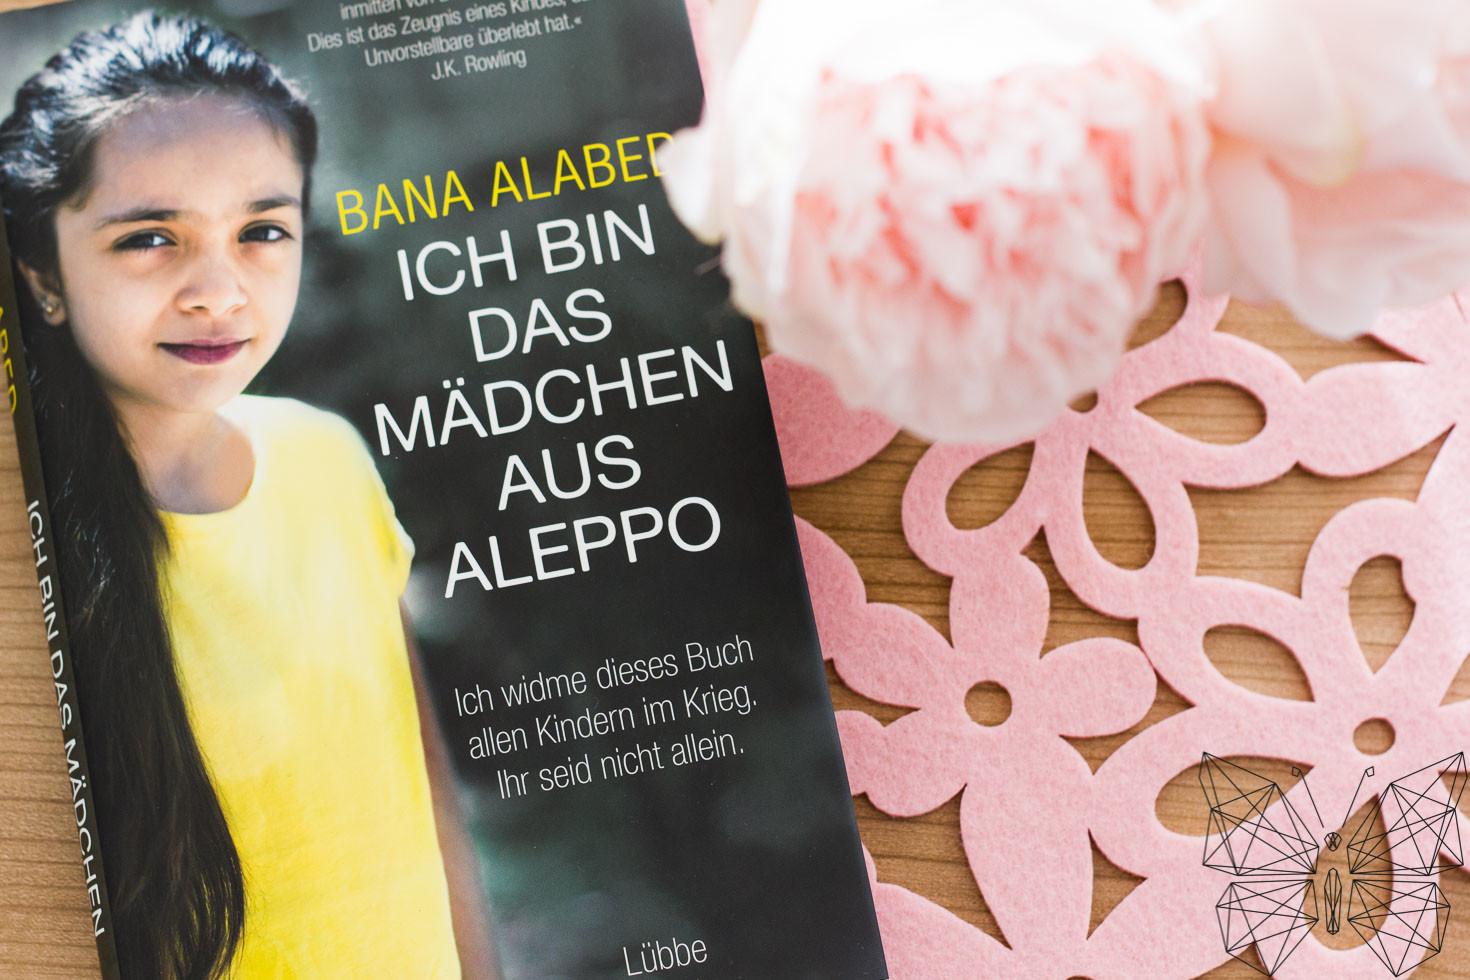 Ich bin das Mädchen aus Aleppo - Tanja's Everyday Blog